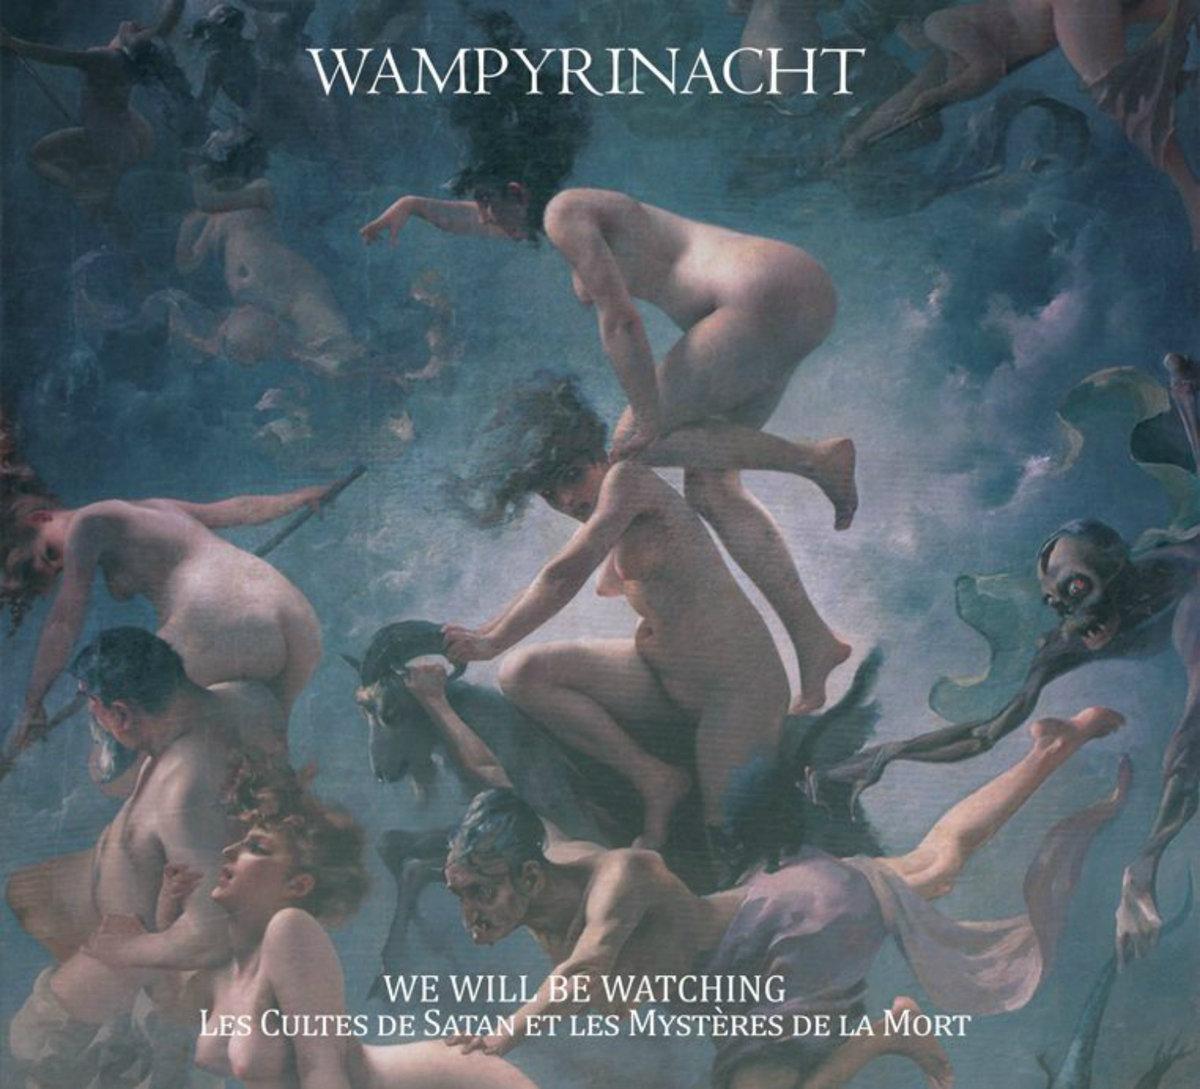 WAMPYRINACHT - We Will Be Watching. Les cultes de Satan et les mystères de la mort cover